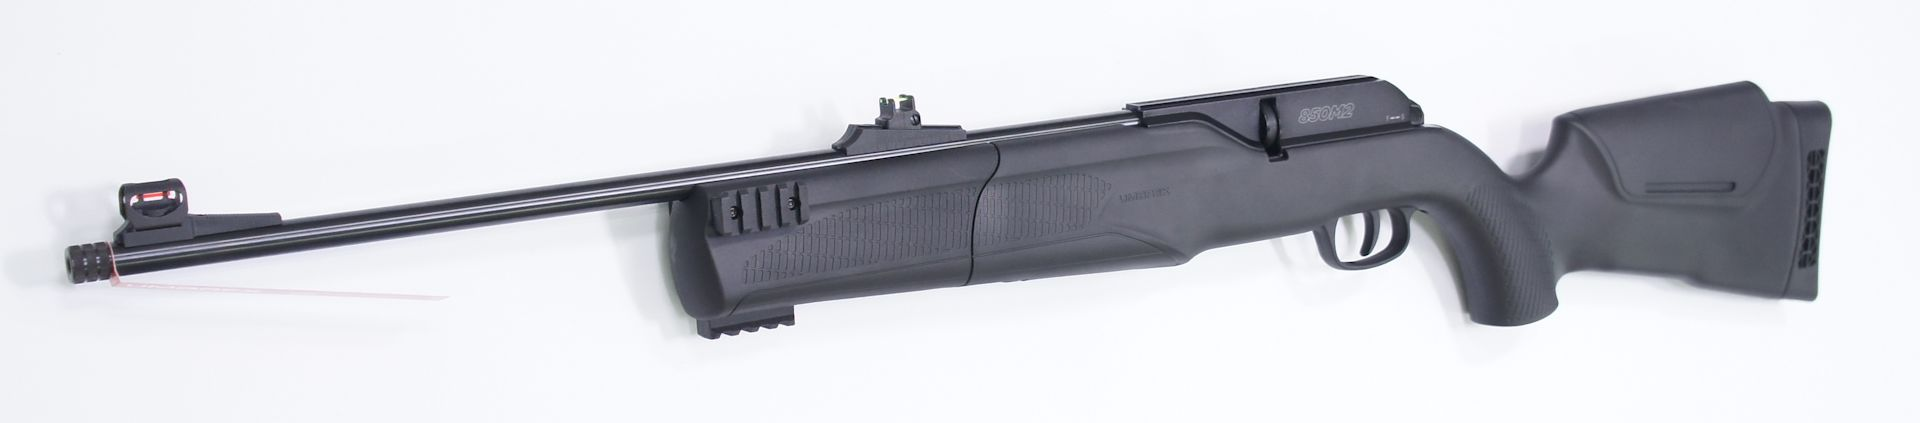 Das CO2-Luftgewehr Umarex 850 M2 hat drei Picatinny-Schienen an der abnehmbaren Vorderschaftkappe zum Anbringen von einem Zweibein oder anderem Zubehör